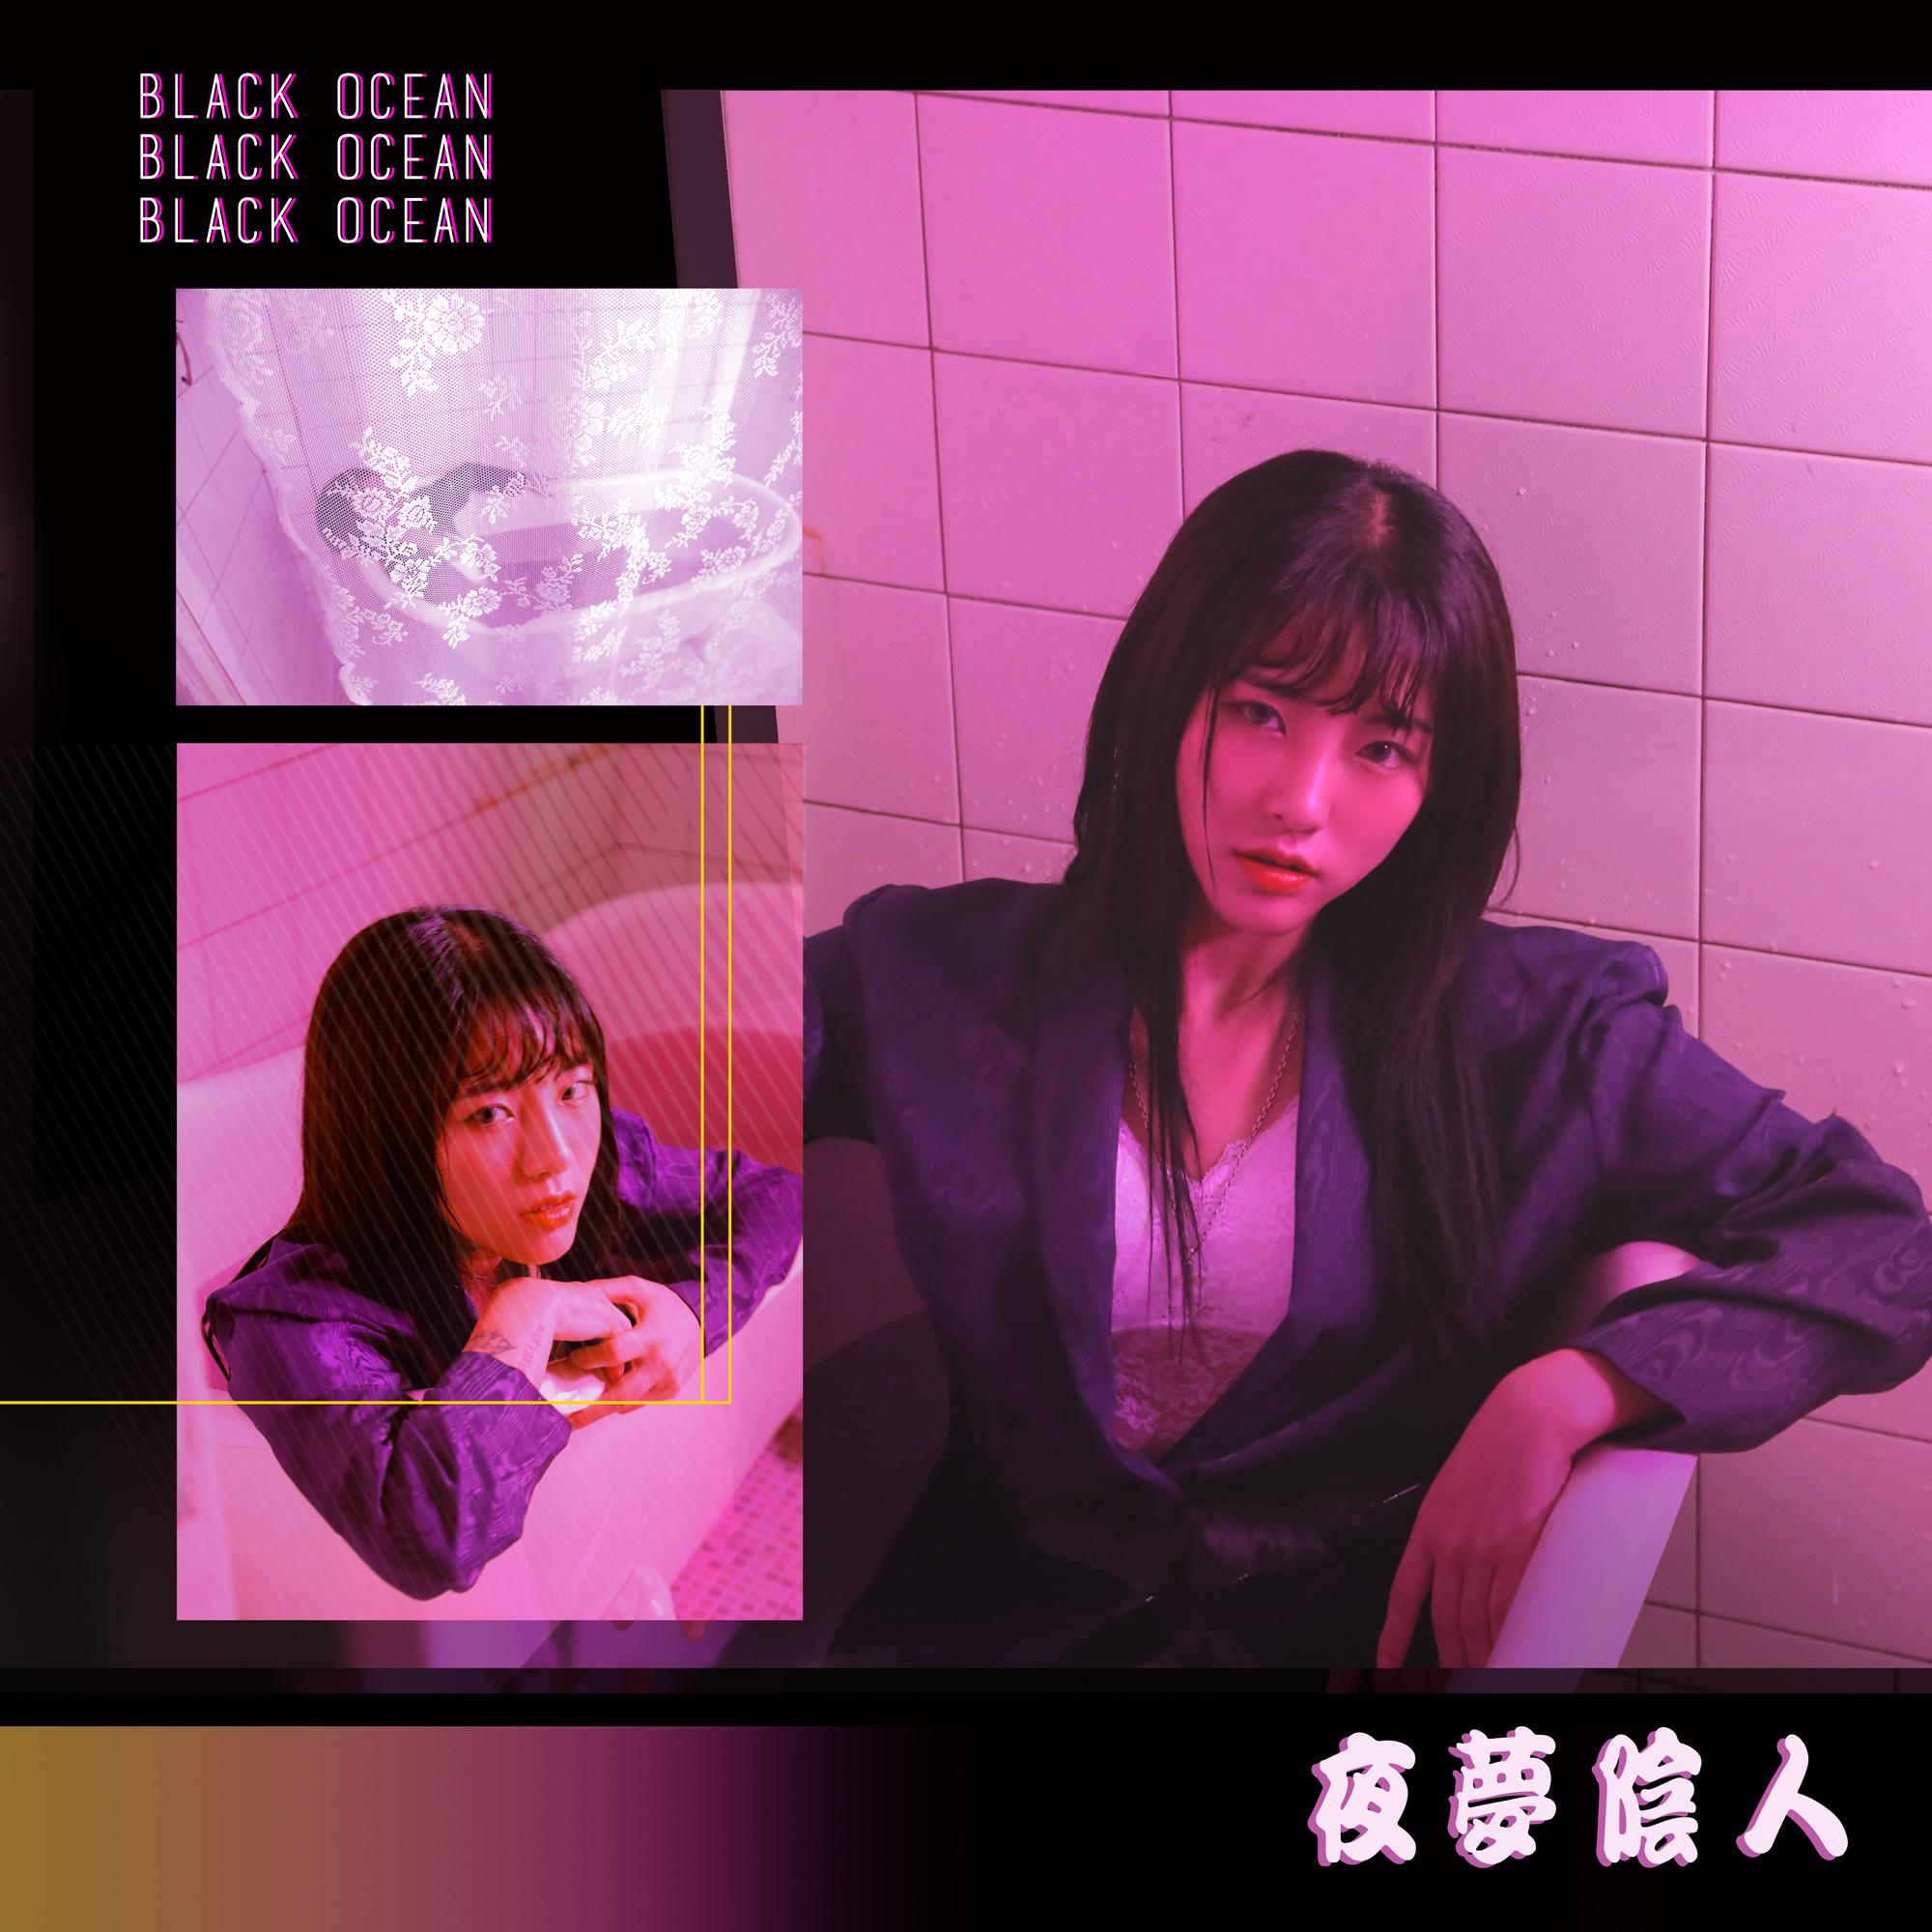 20180823.2247.1 Lee Bada - Black Ocean cover.jpg